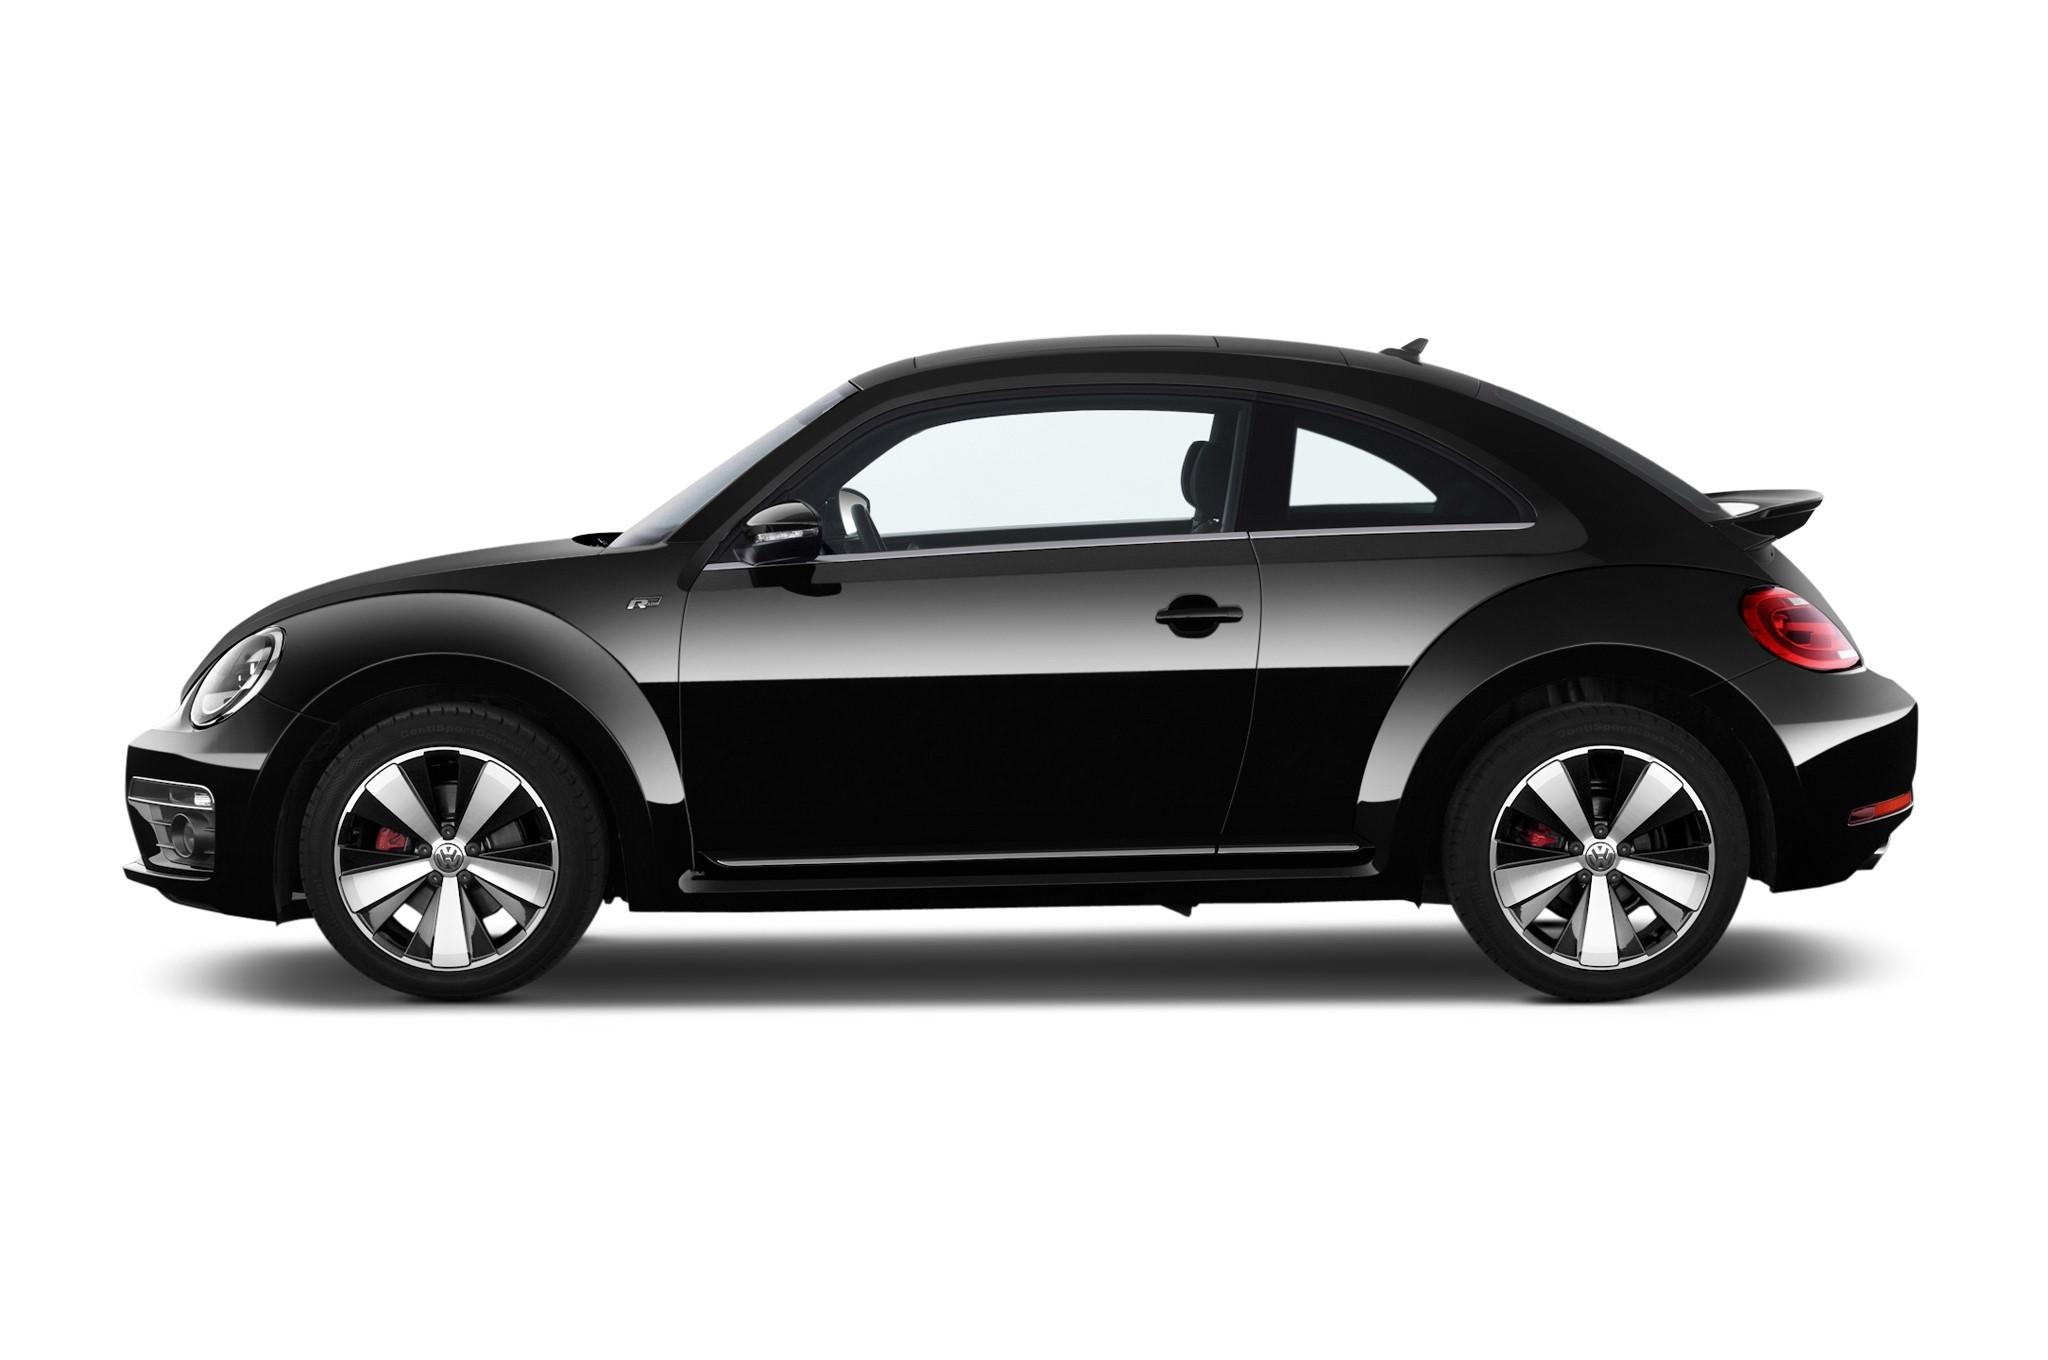 Volkswagen Beetle Desktop Wallpapers